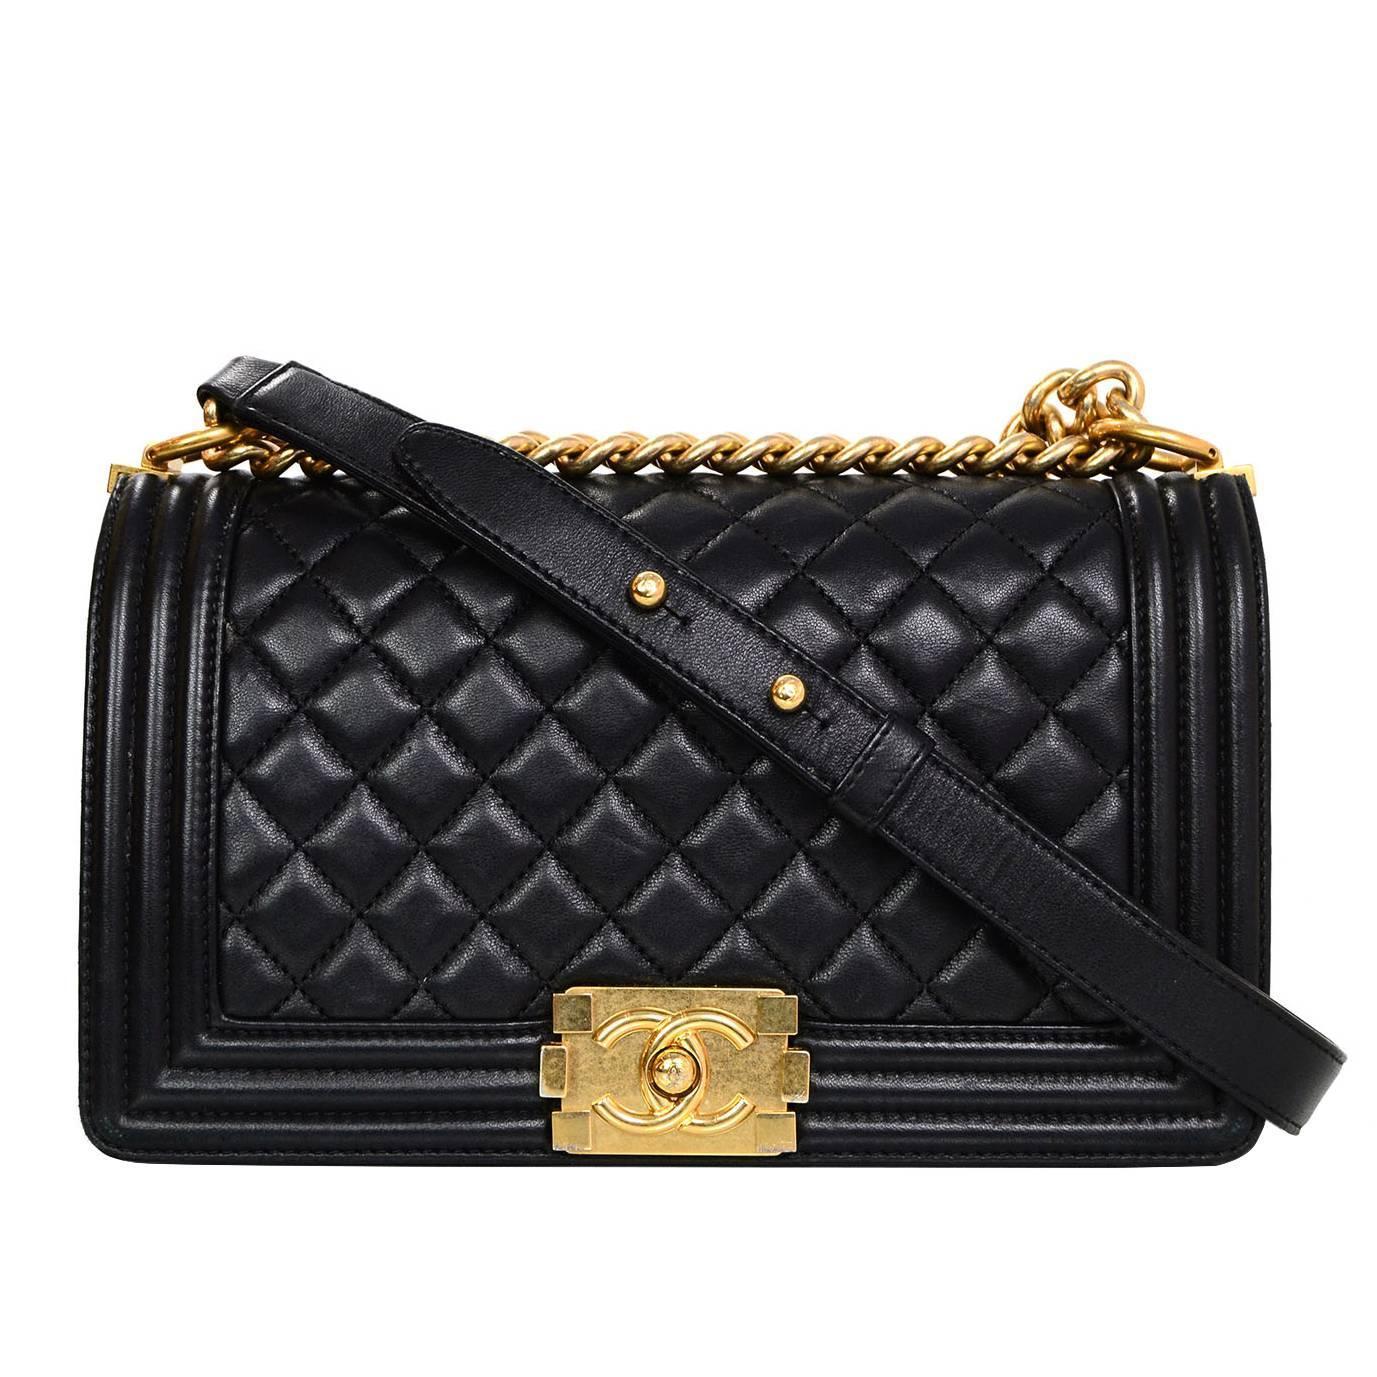 Chanel Boy Bag Vs Louis Vuitton Twist Jaguar Clubs Of